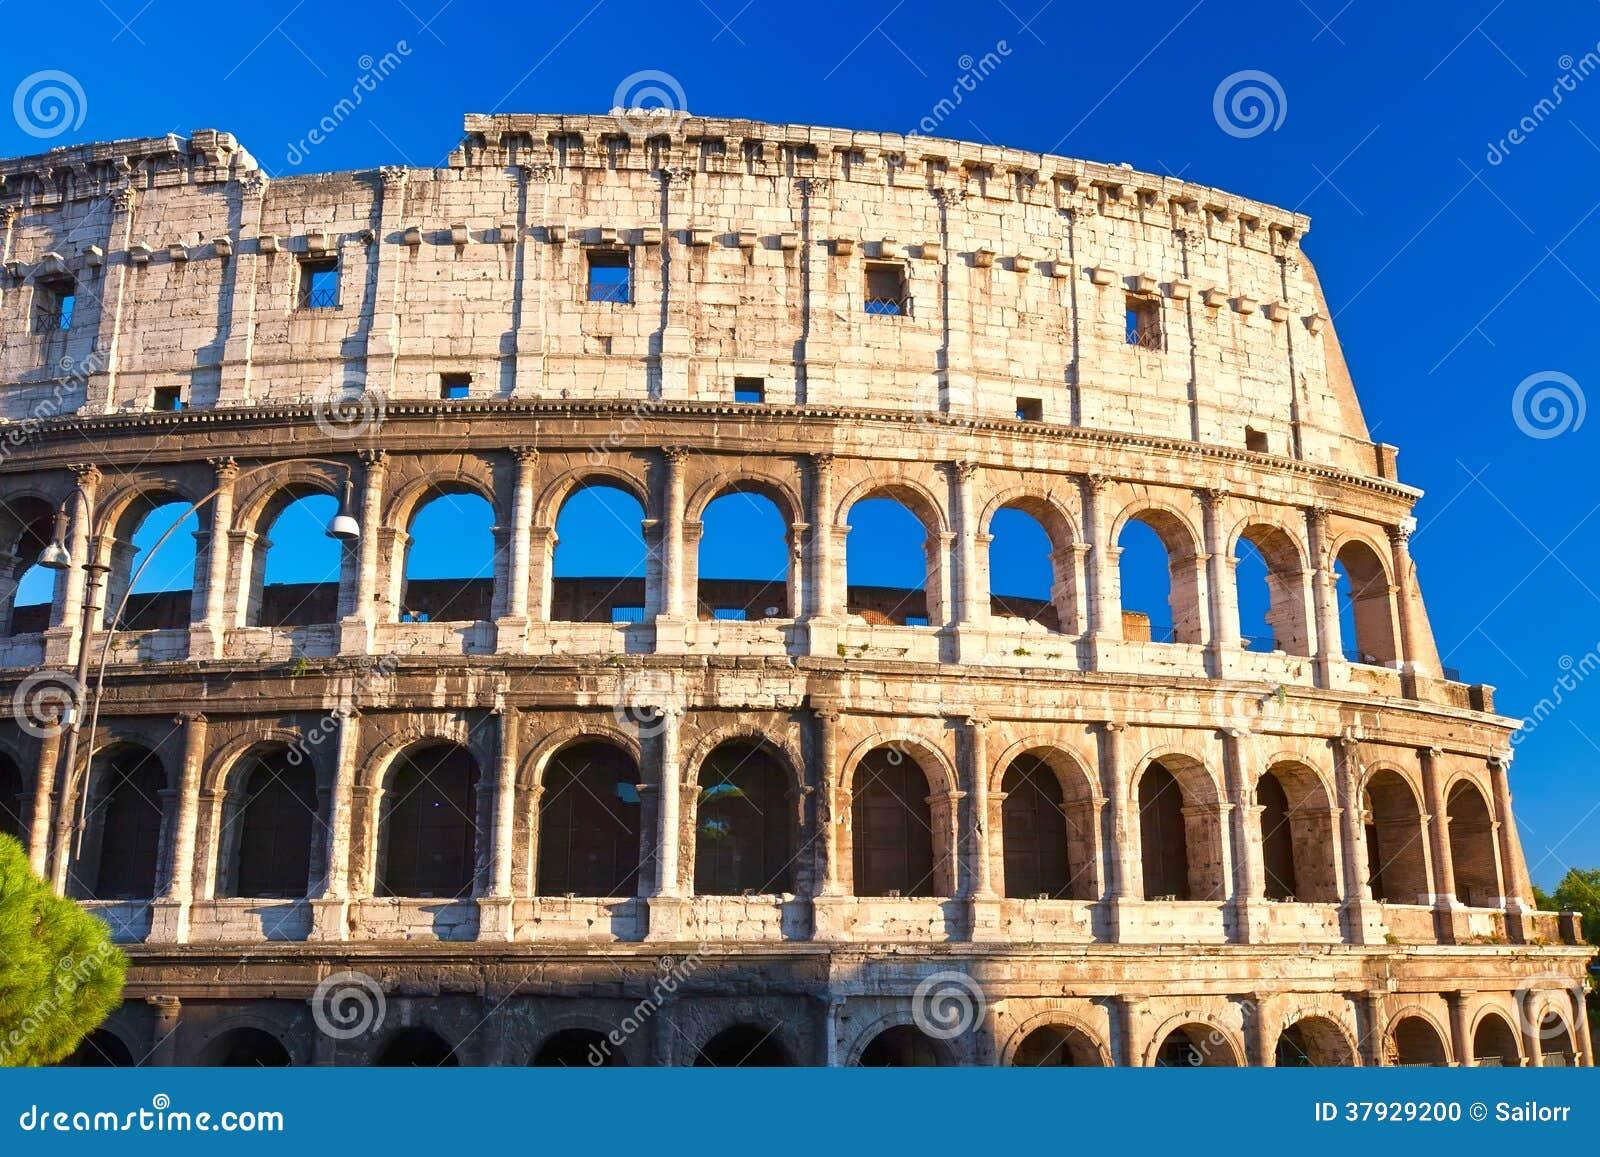 Colosseum в Риме